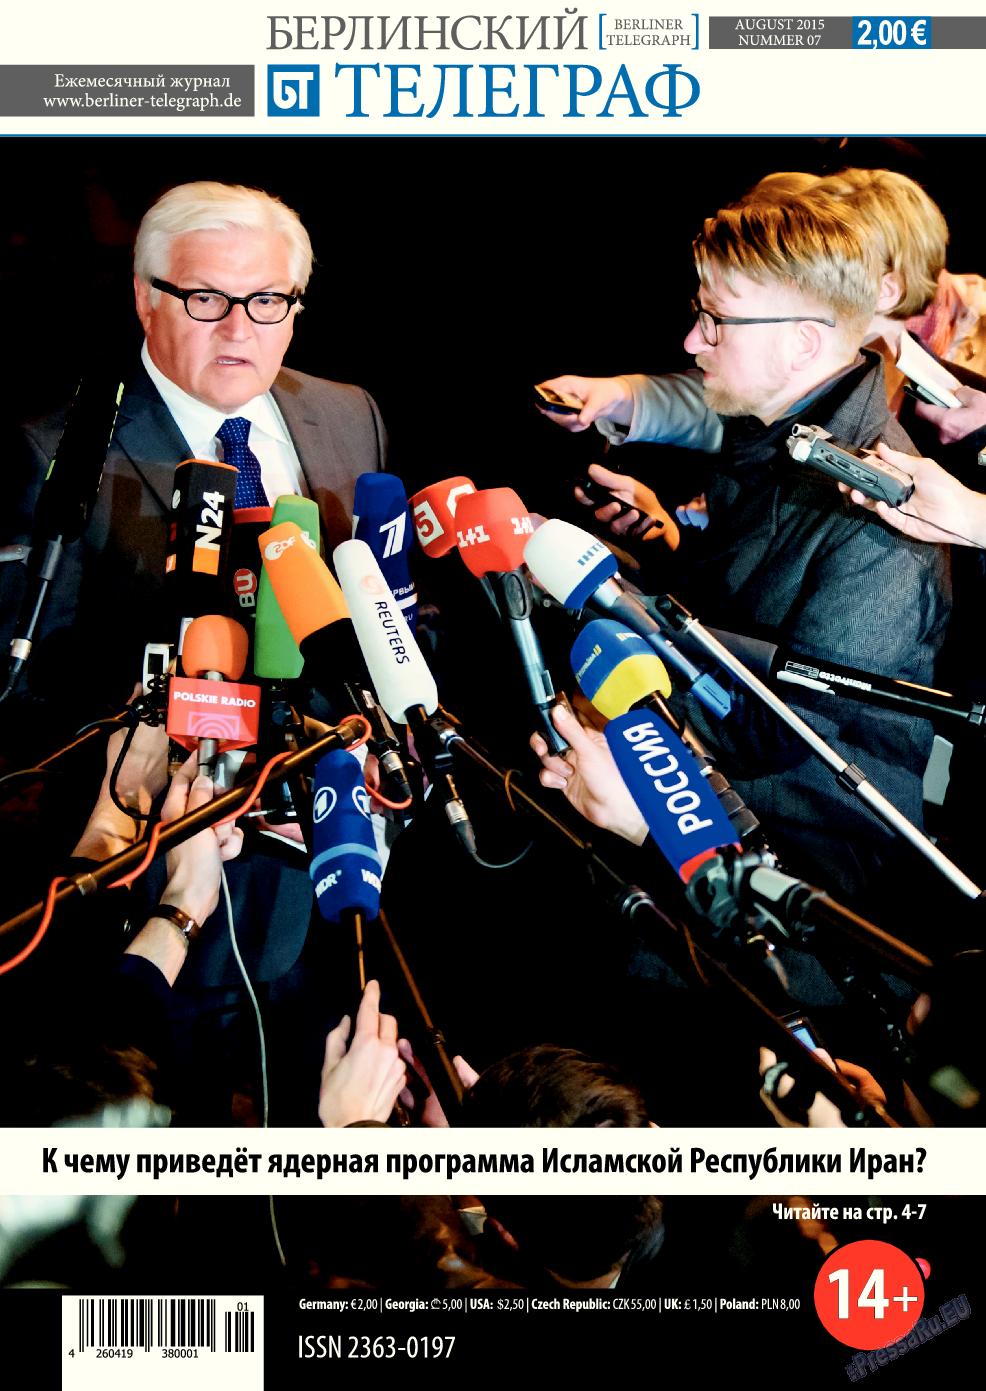 Берлинский телеграф (журнал). 2015 год, номер 8, стр. 1